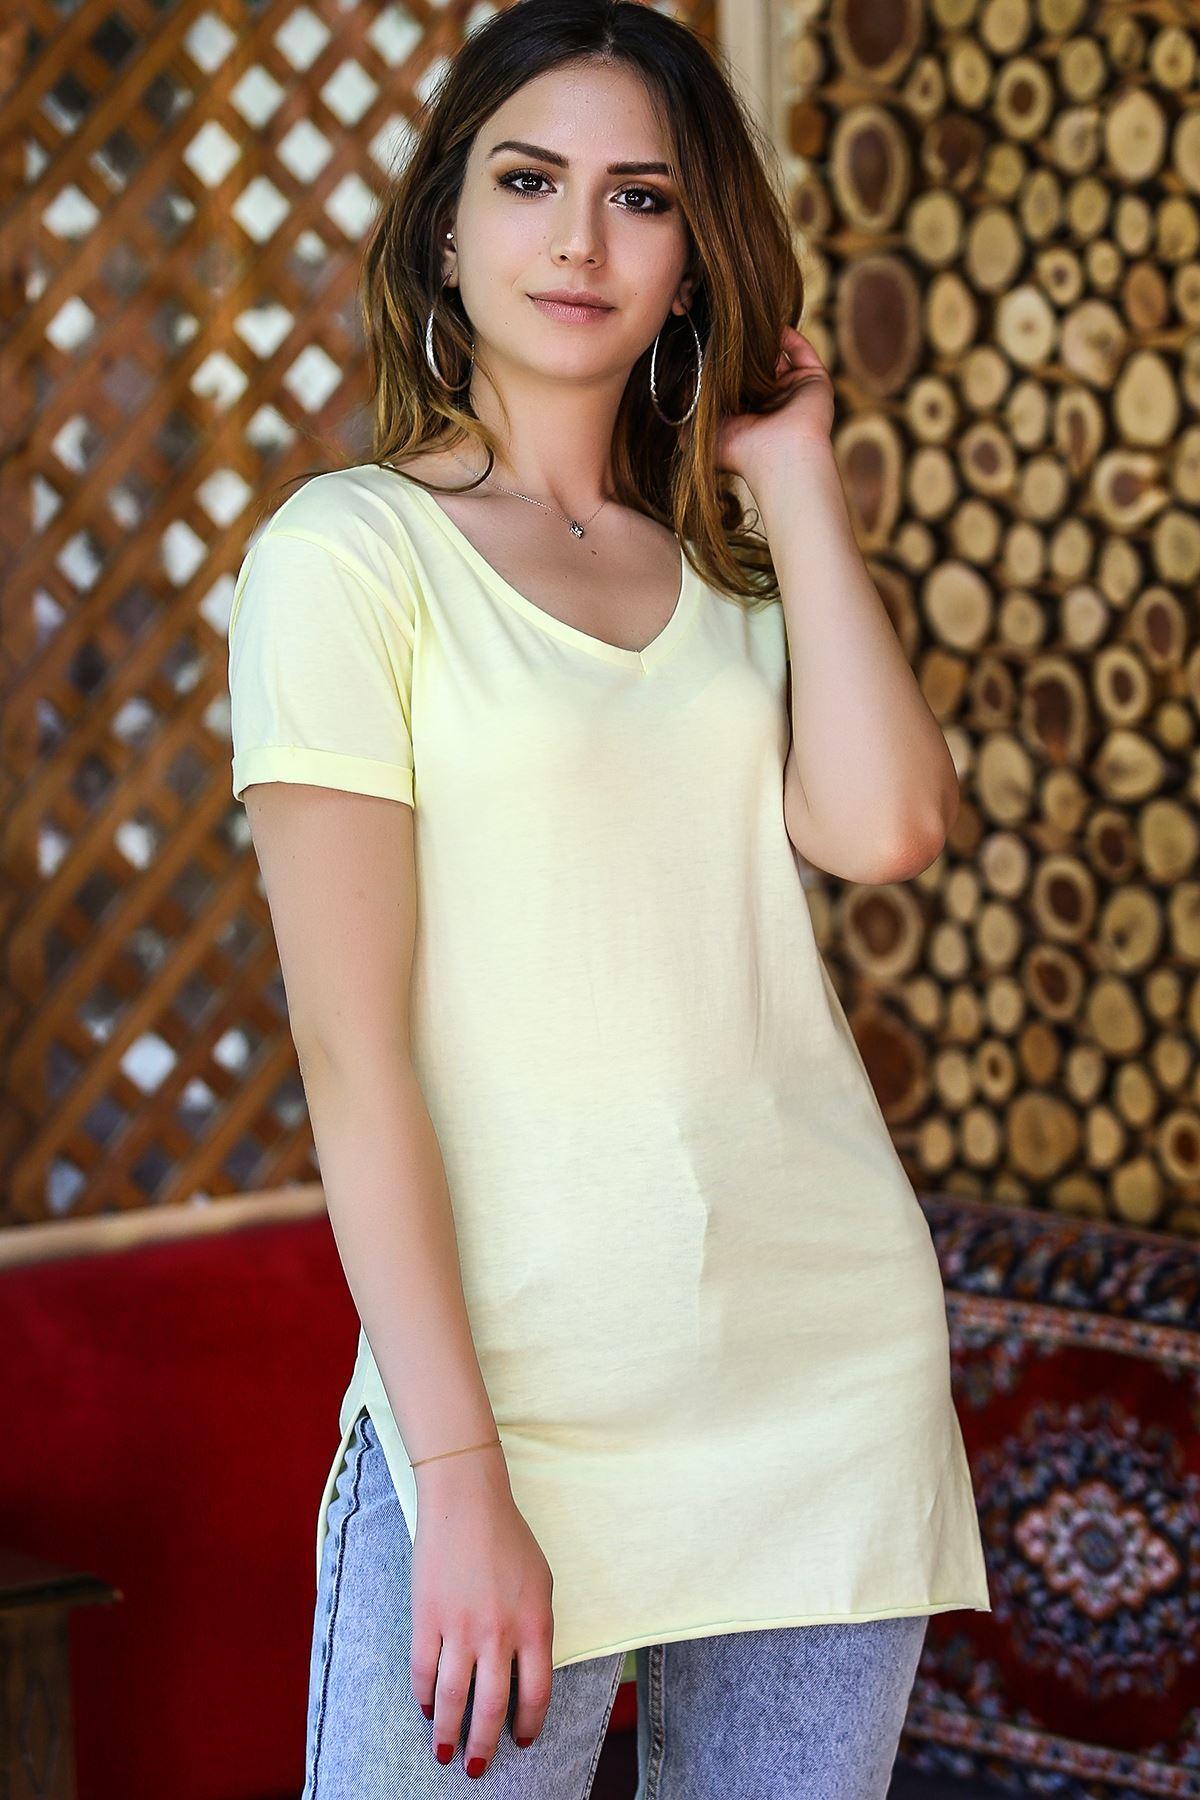 Penye Tunik Tişört Sarı - 1062.275.